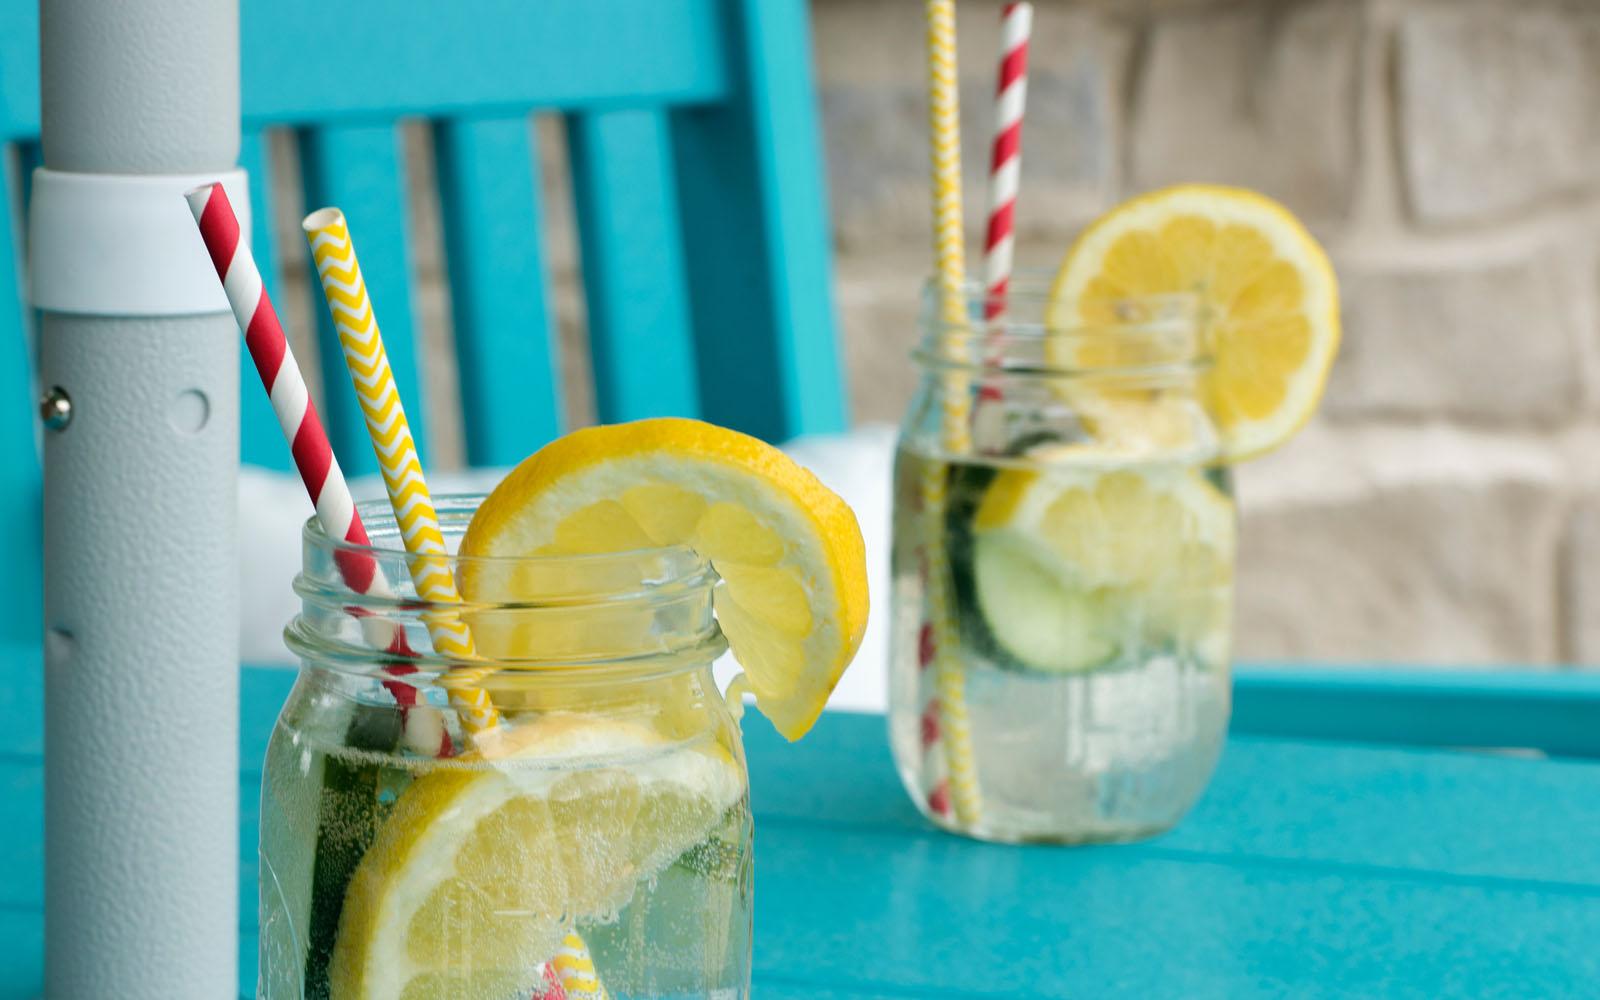 Bicchieri di acqua e limone, rinfrescanti e salutari.